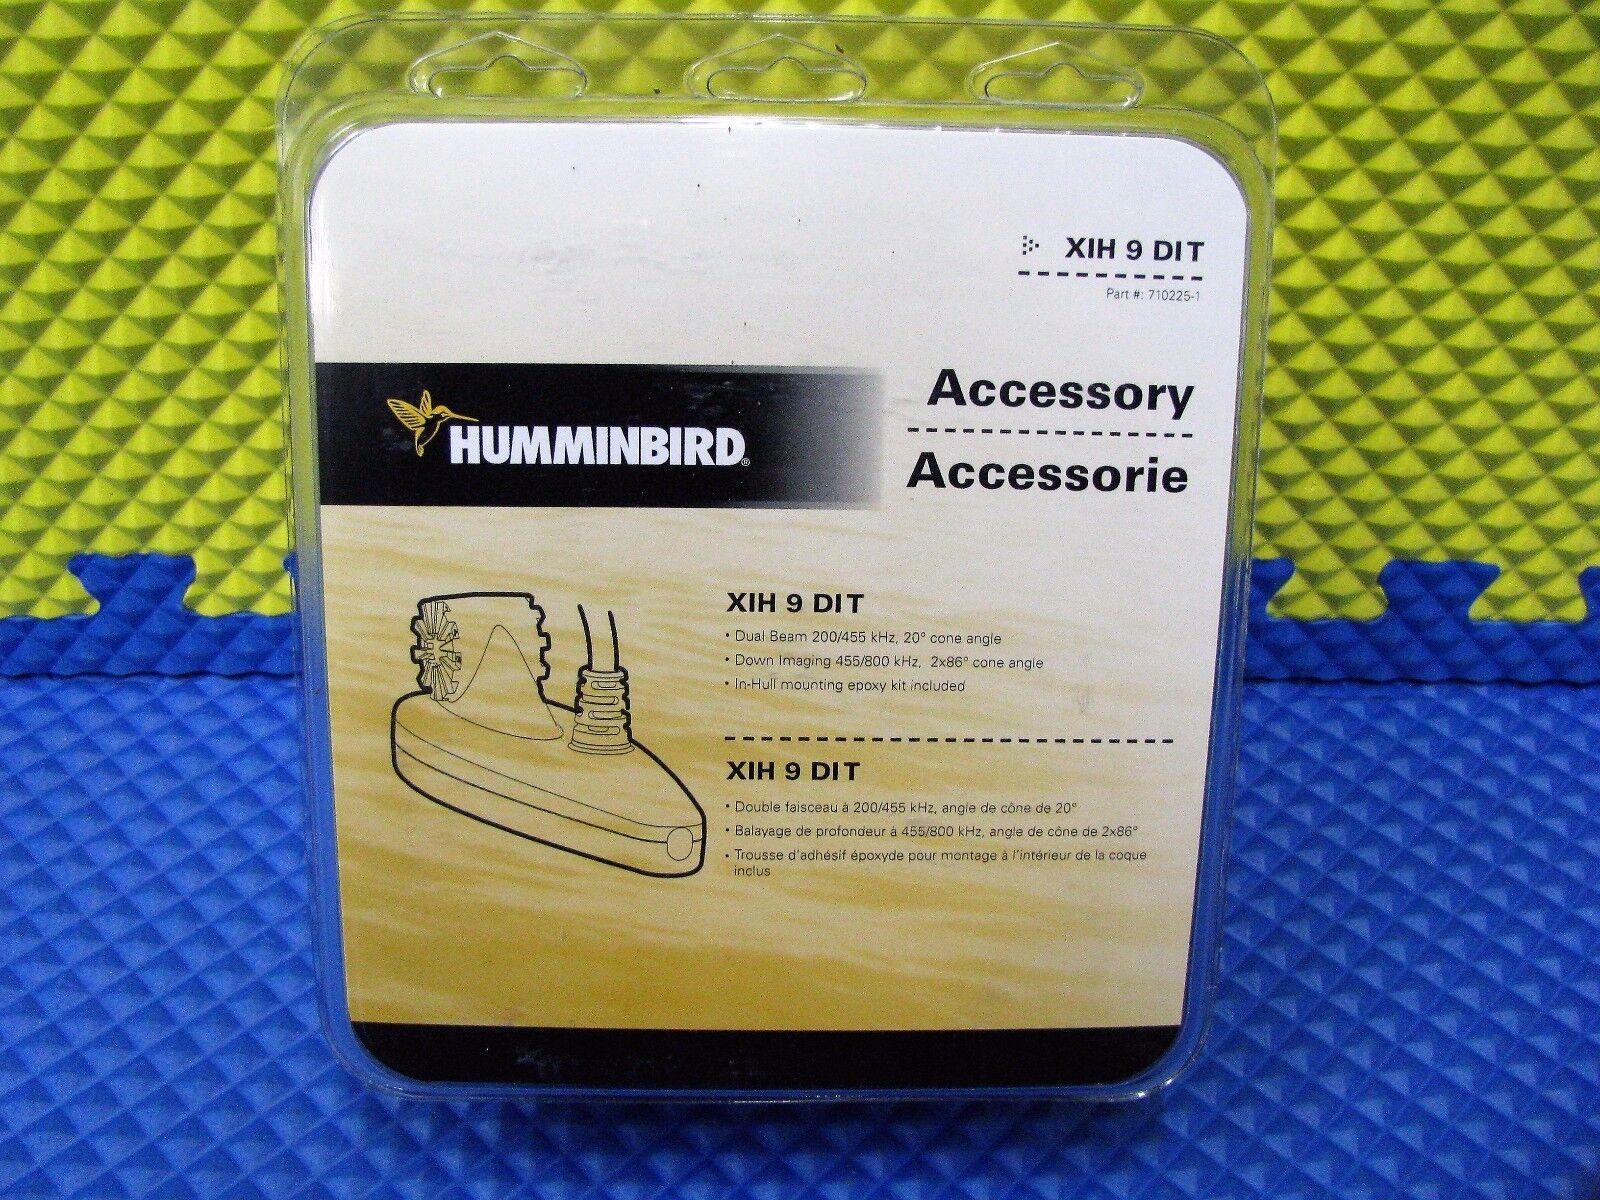 Humminbird En-Hull montaje Down Imaging & Doble Haz XIH 9 Di T parte   710225-1